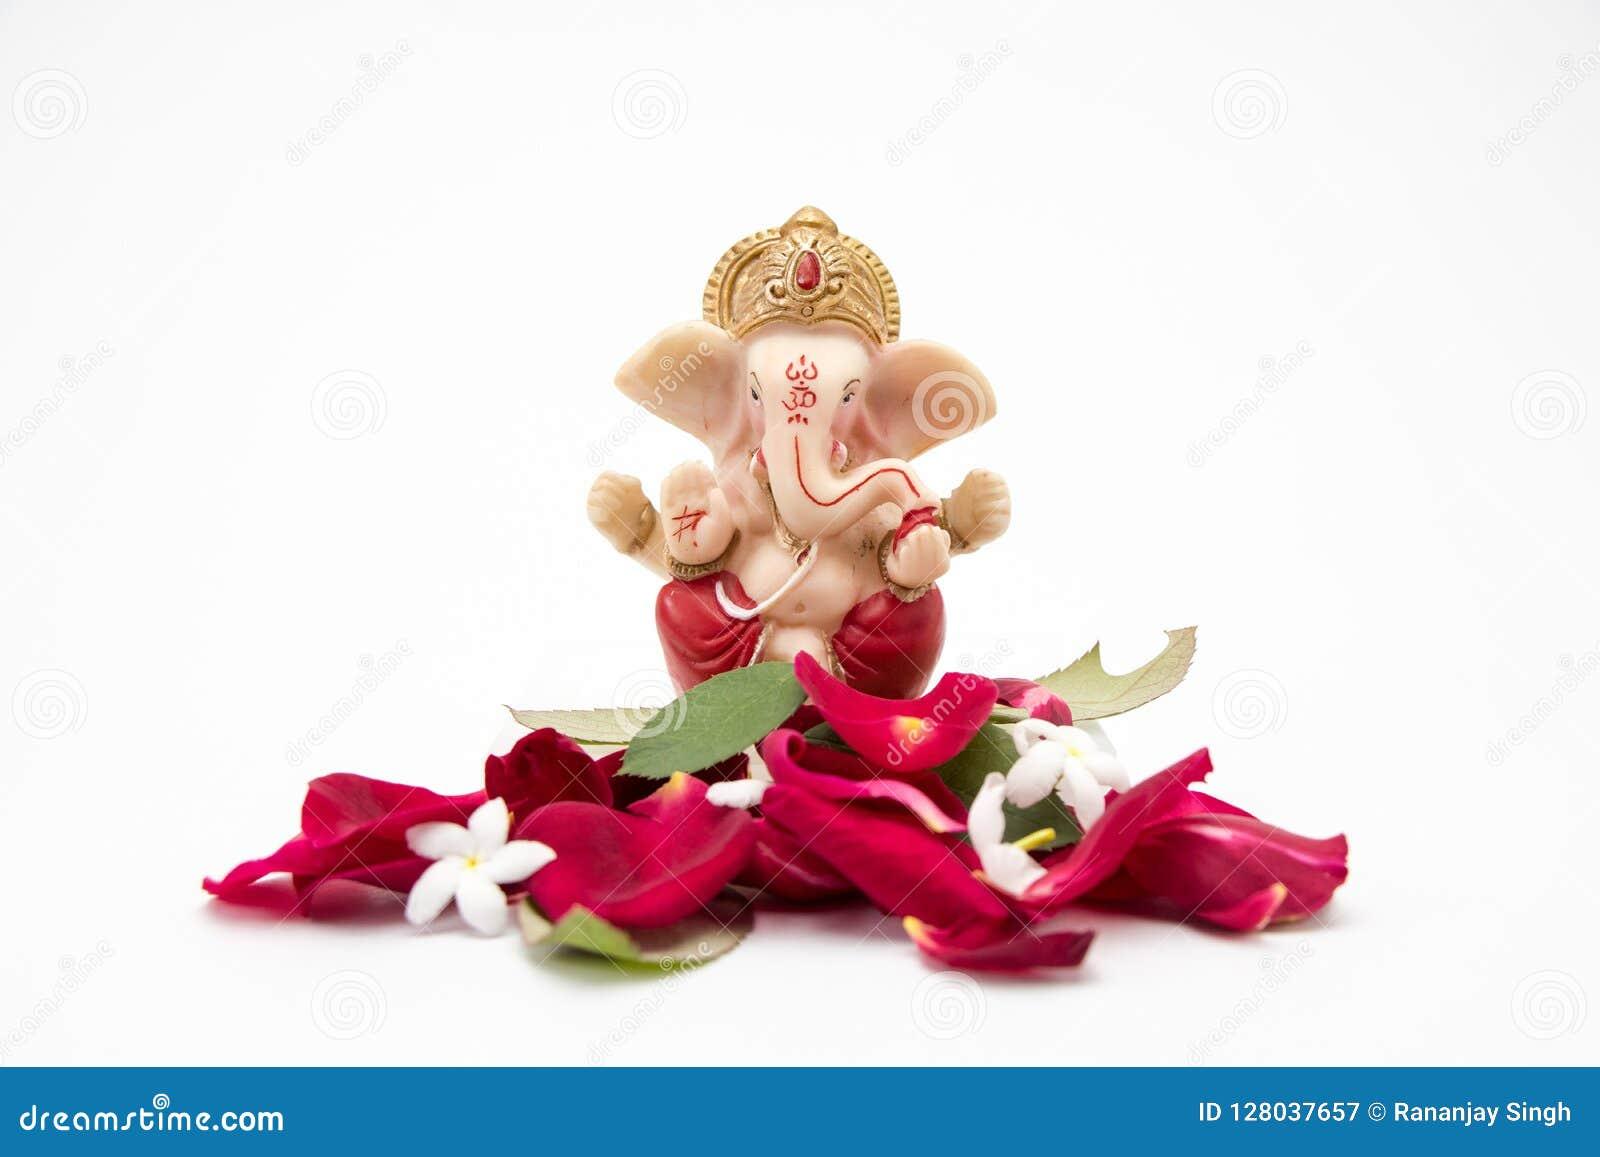 Lord Ganesha Idol With Rose Petals On White Background Ganesh Chaurthi Ganesh Pooja Stock Image Image Of Hindu Religion 128037657